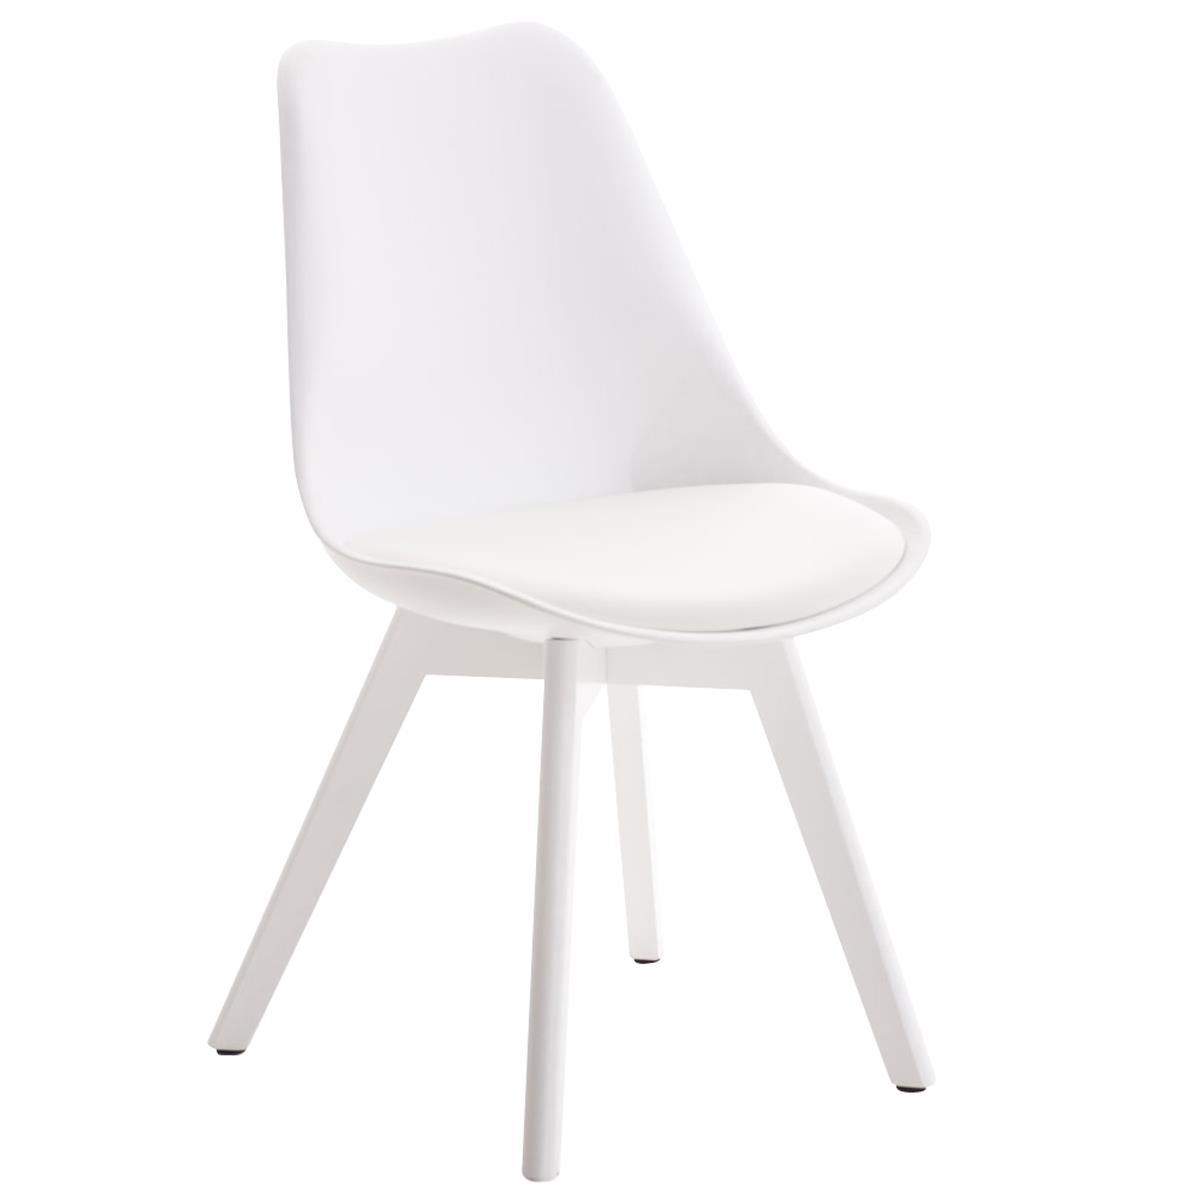 silla de dise o confidente bosforo exclusivo dise o con On sillas de diseno blancas